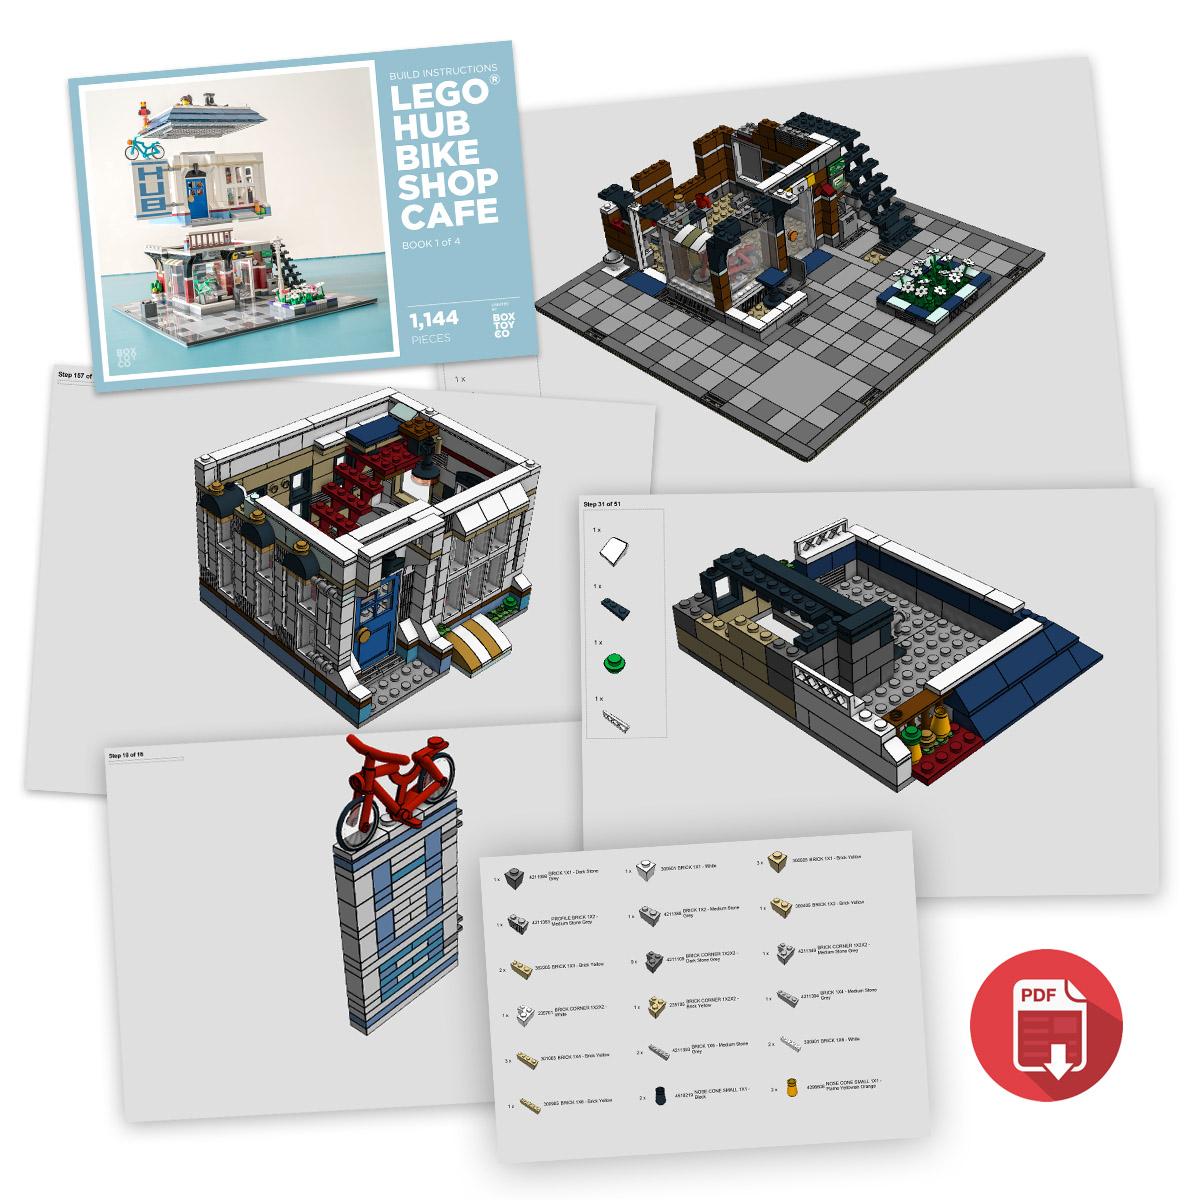 Lego Hub Bike Shop Cafe Moc Build Instructions Boxtoy